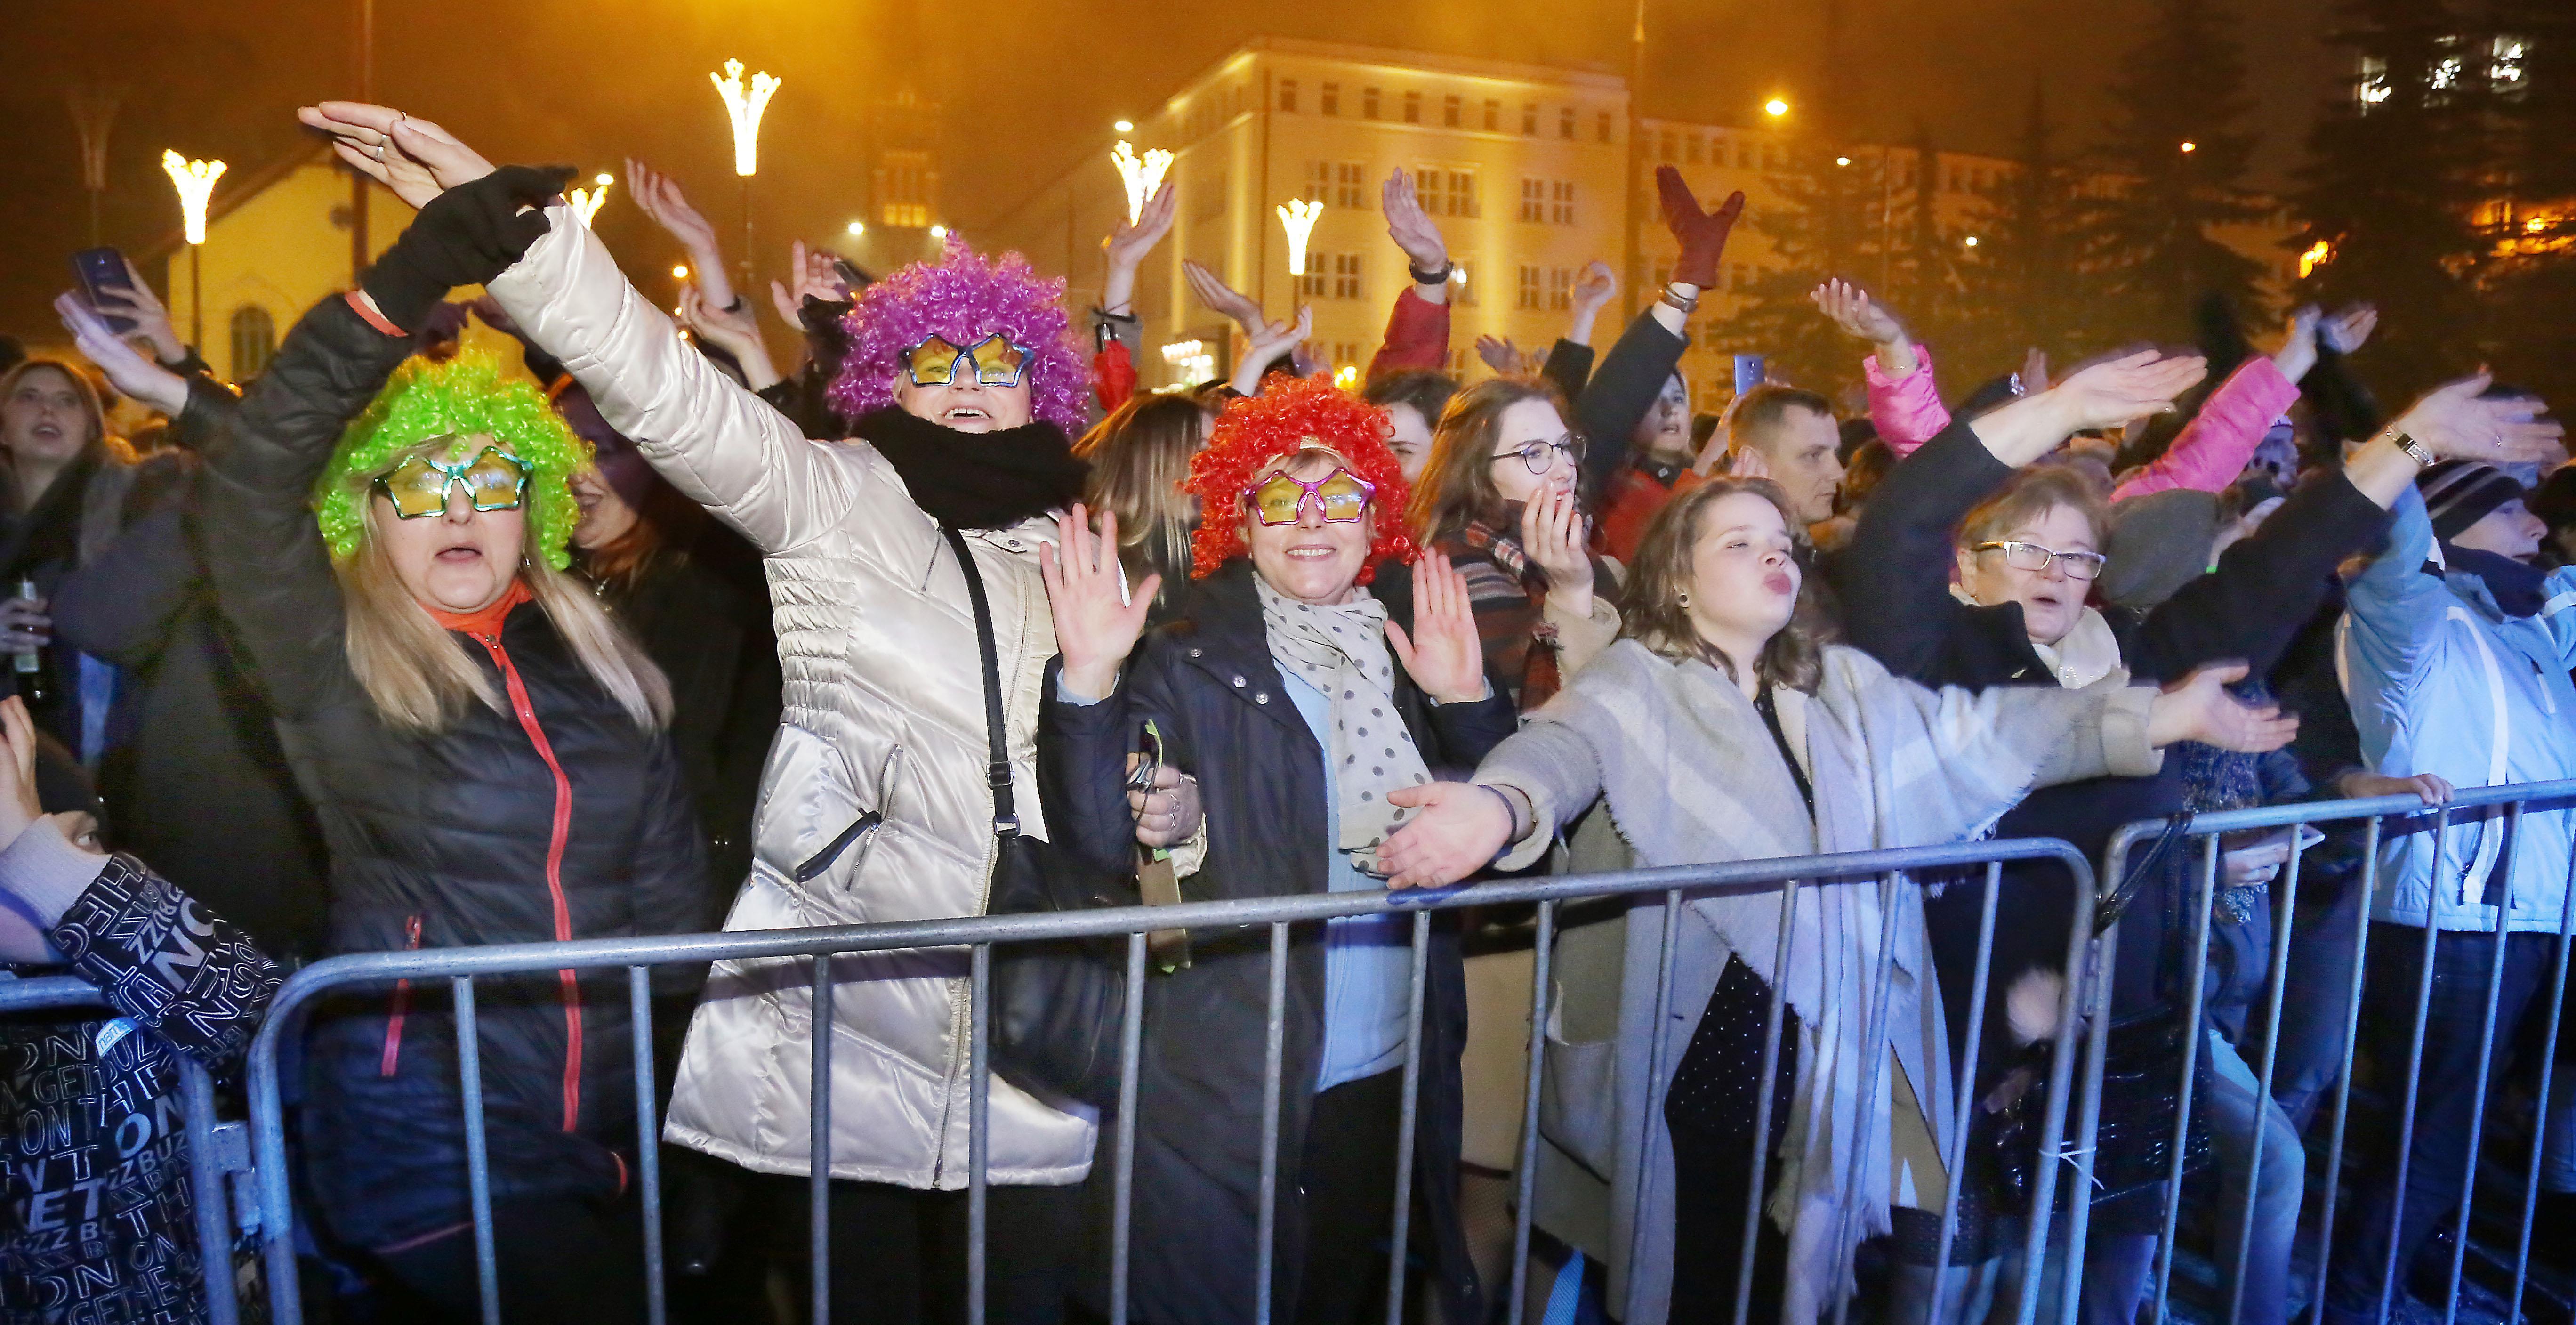 Sylwester 2017-2018  Olsztyn-przywitanie Nowego Roku w mieście, koncert,pokaz sztucznych ogni.